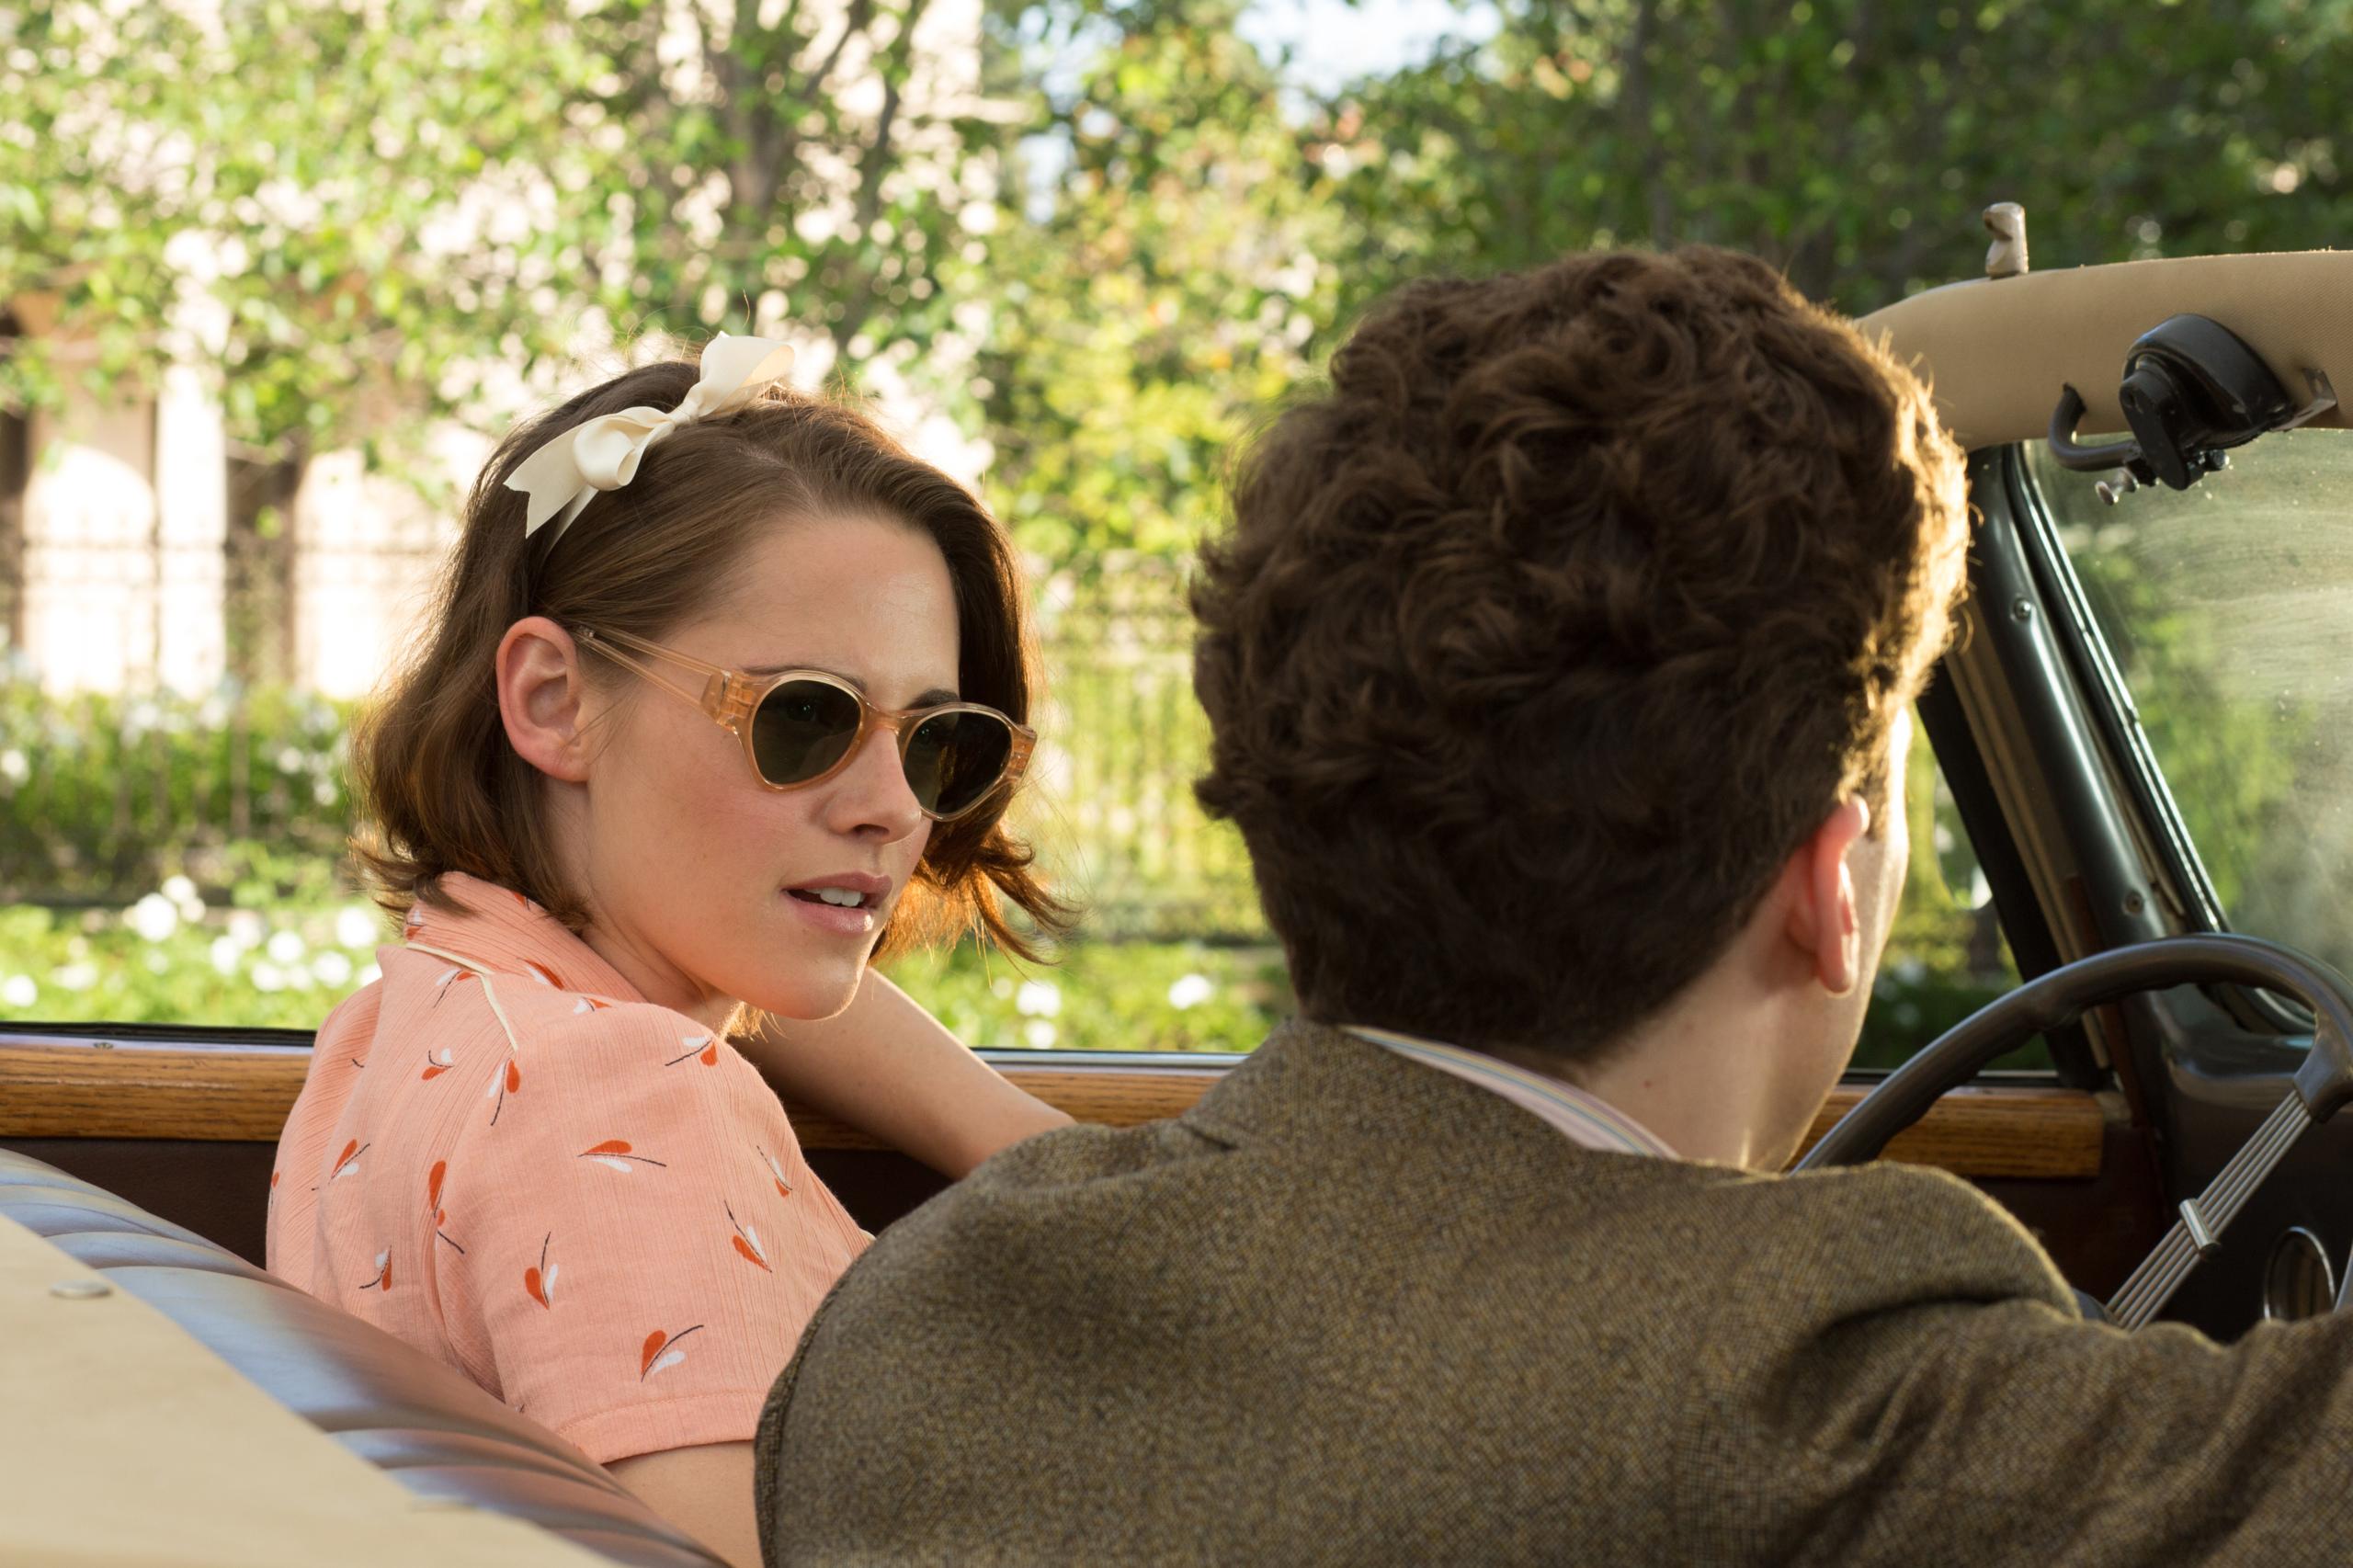 Foto de Blake Lively y Kristen Stewart protagonistas del vestuario de Café Society. Enamórate con sus maravillosos looks (8/12)